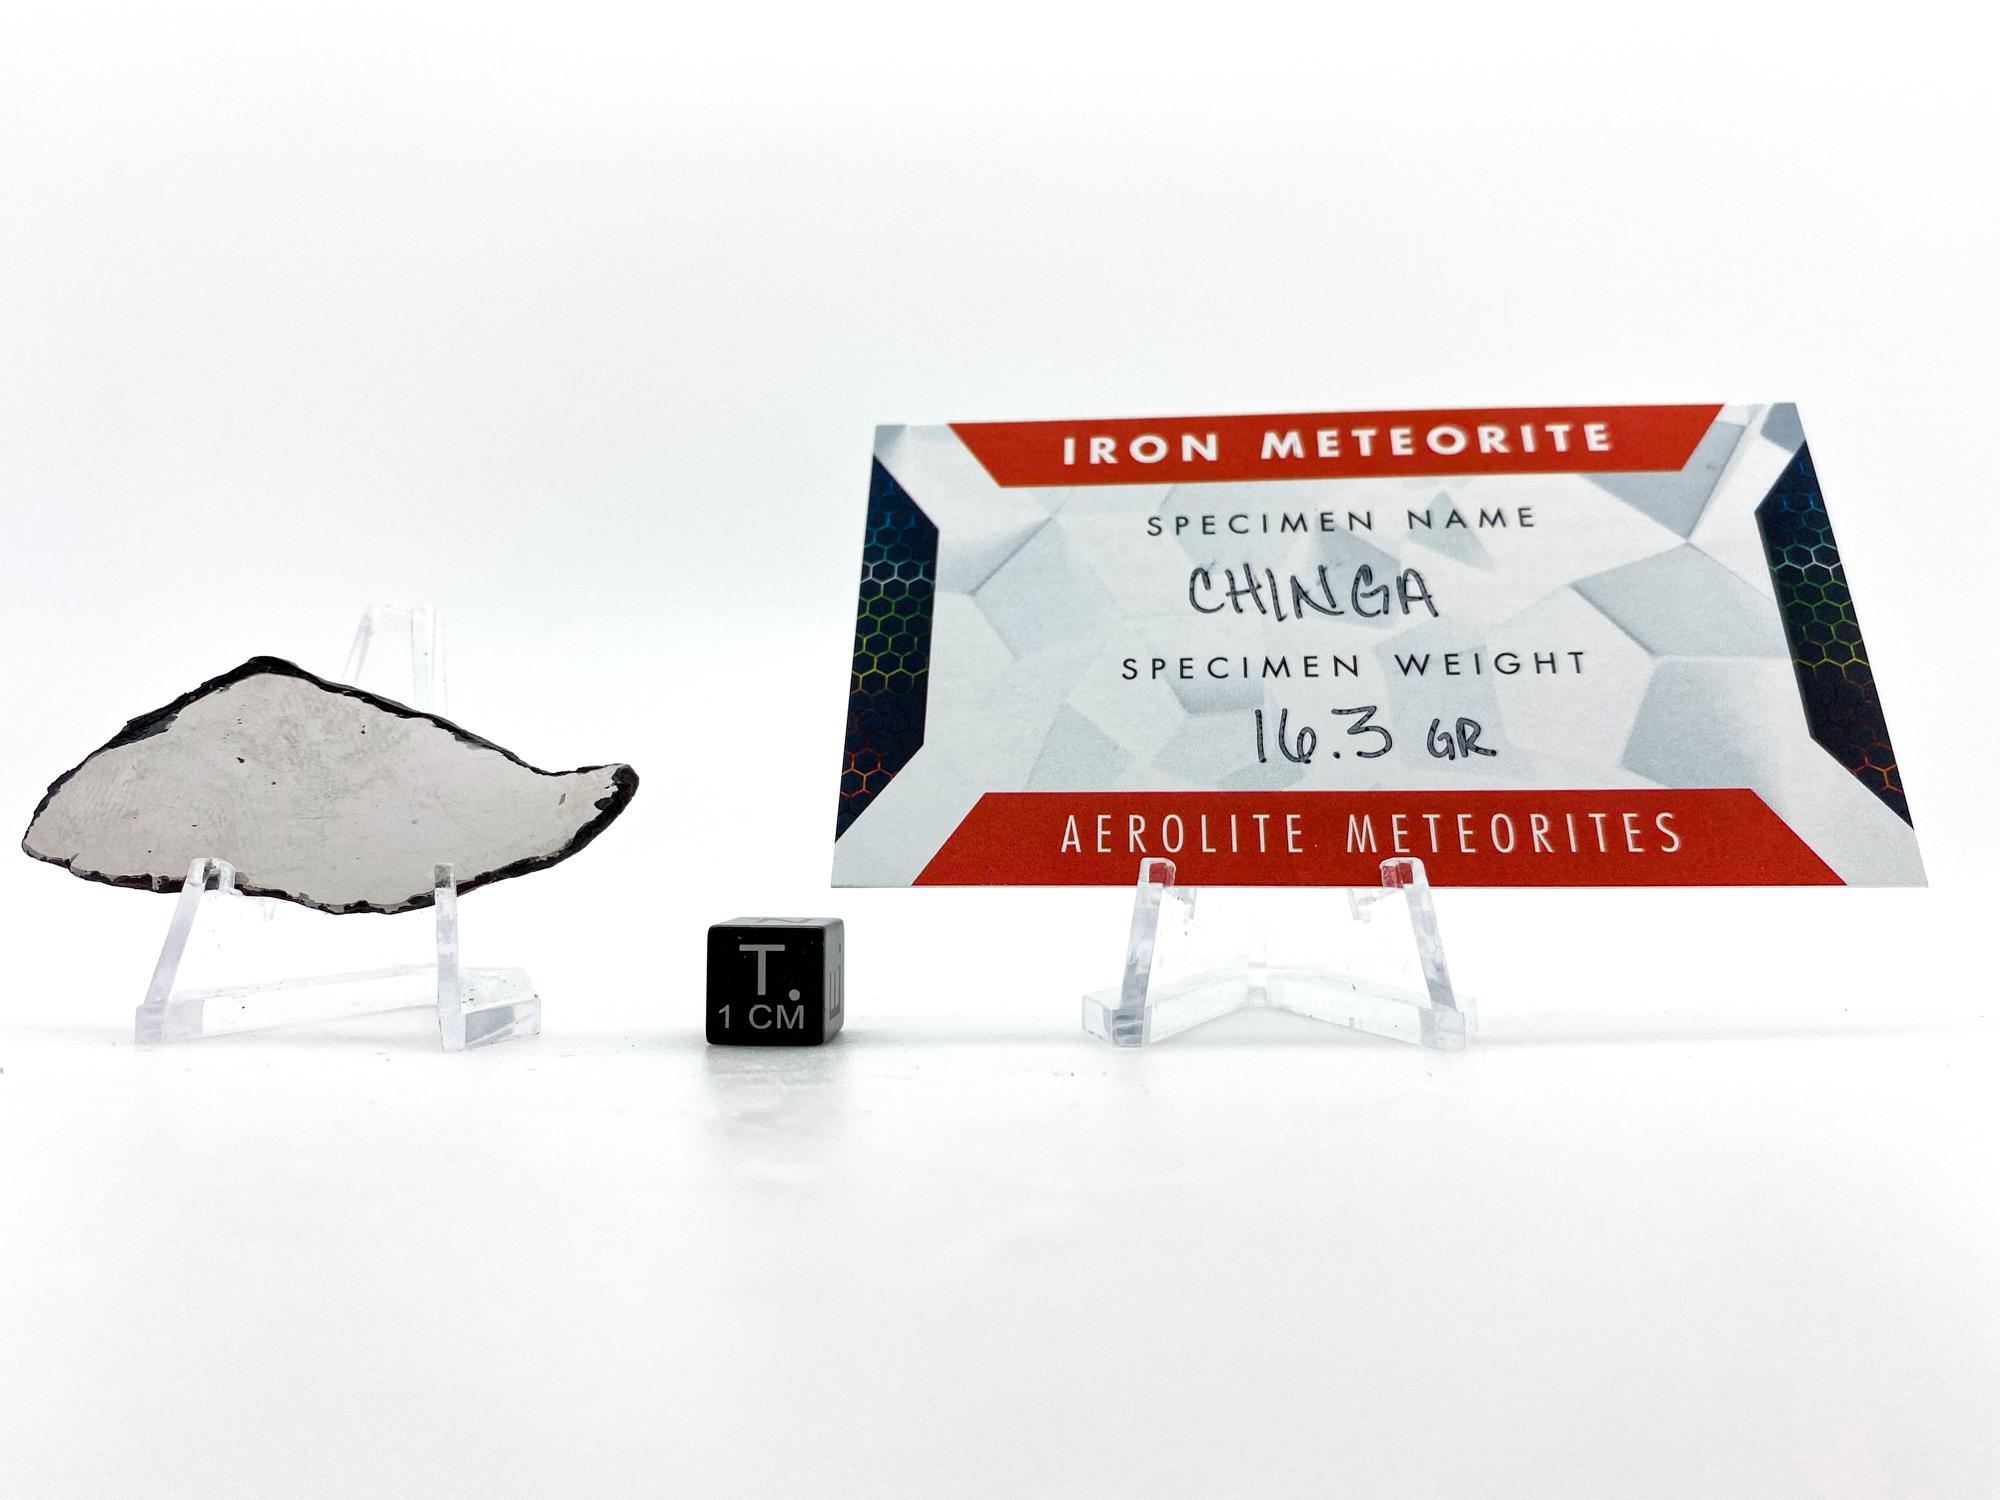 chinga iron meteorite 16 g